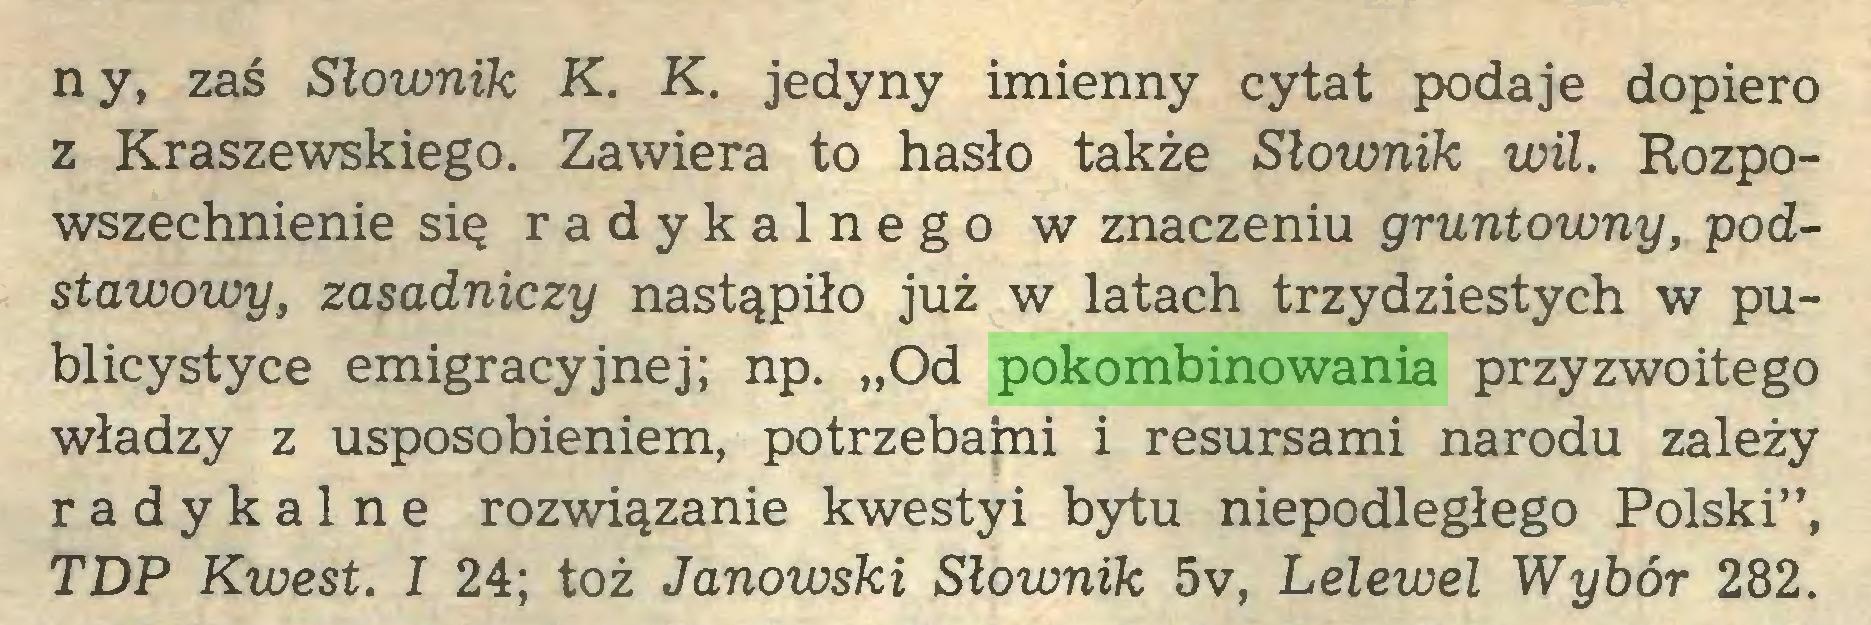 """(...) ny, zaś Słownik K. K. jedyny imienny cytat podaje dopiero z Kraszewskiego. Zawiera to hasło także Słownik wił. Rozpowszechnienie się radykalnego w znaczeniu gruntowny, podstawowy, zasadniczy nastąpiło już w latach trzydziestych w publicystyce emigracyjnej; np. """"Od pokombinowania przyzwoitego władzy z usposobieniem, potrzebaini i resursami narodu zależy radykalne rozwiązanie kwesty i bytu niepodległego Polski"""", TDP Kwest. I 24; toż Janowski Słownik 5v, Lelewel Wybór 282..."""